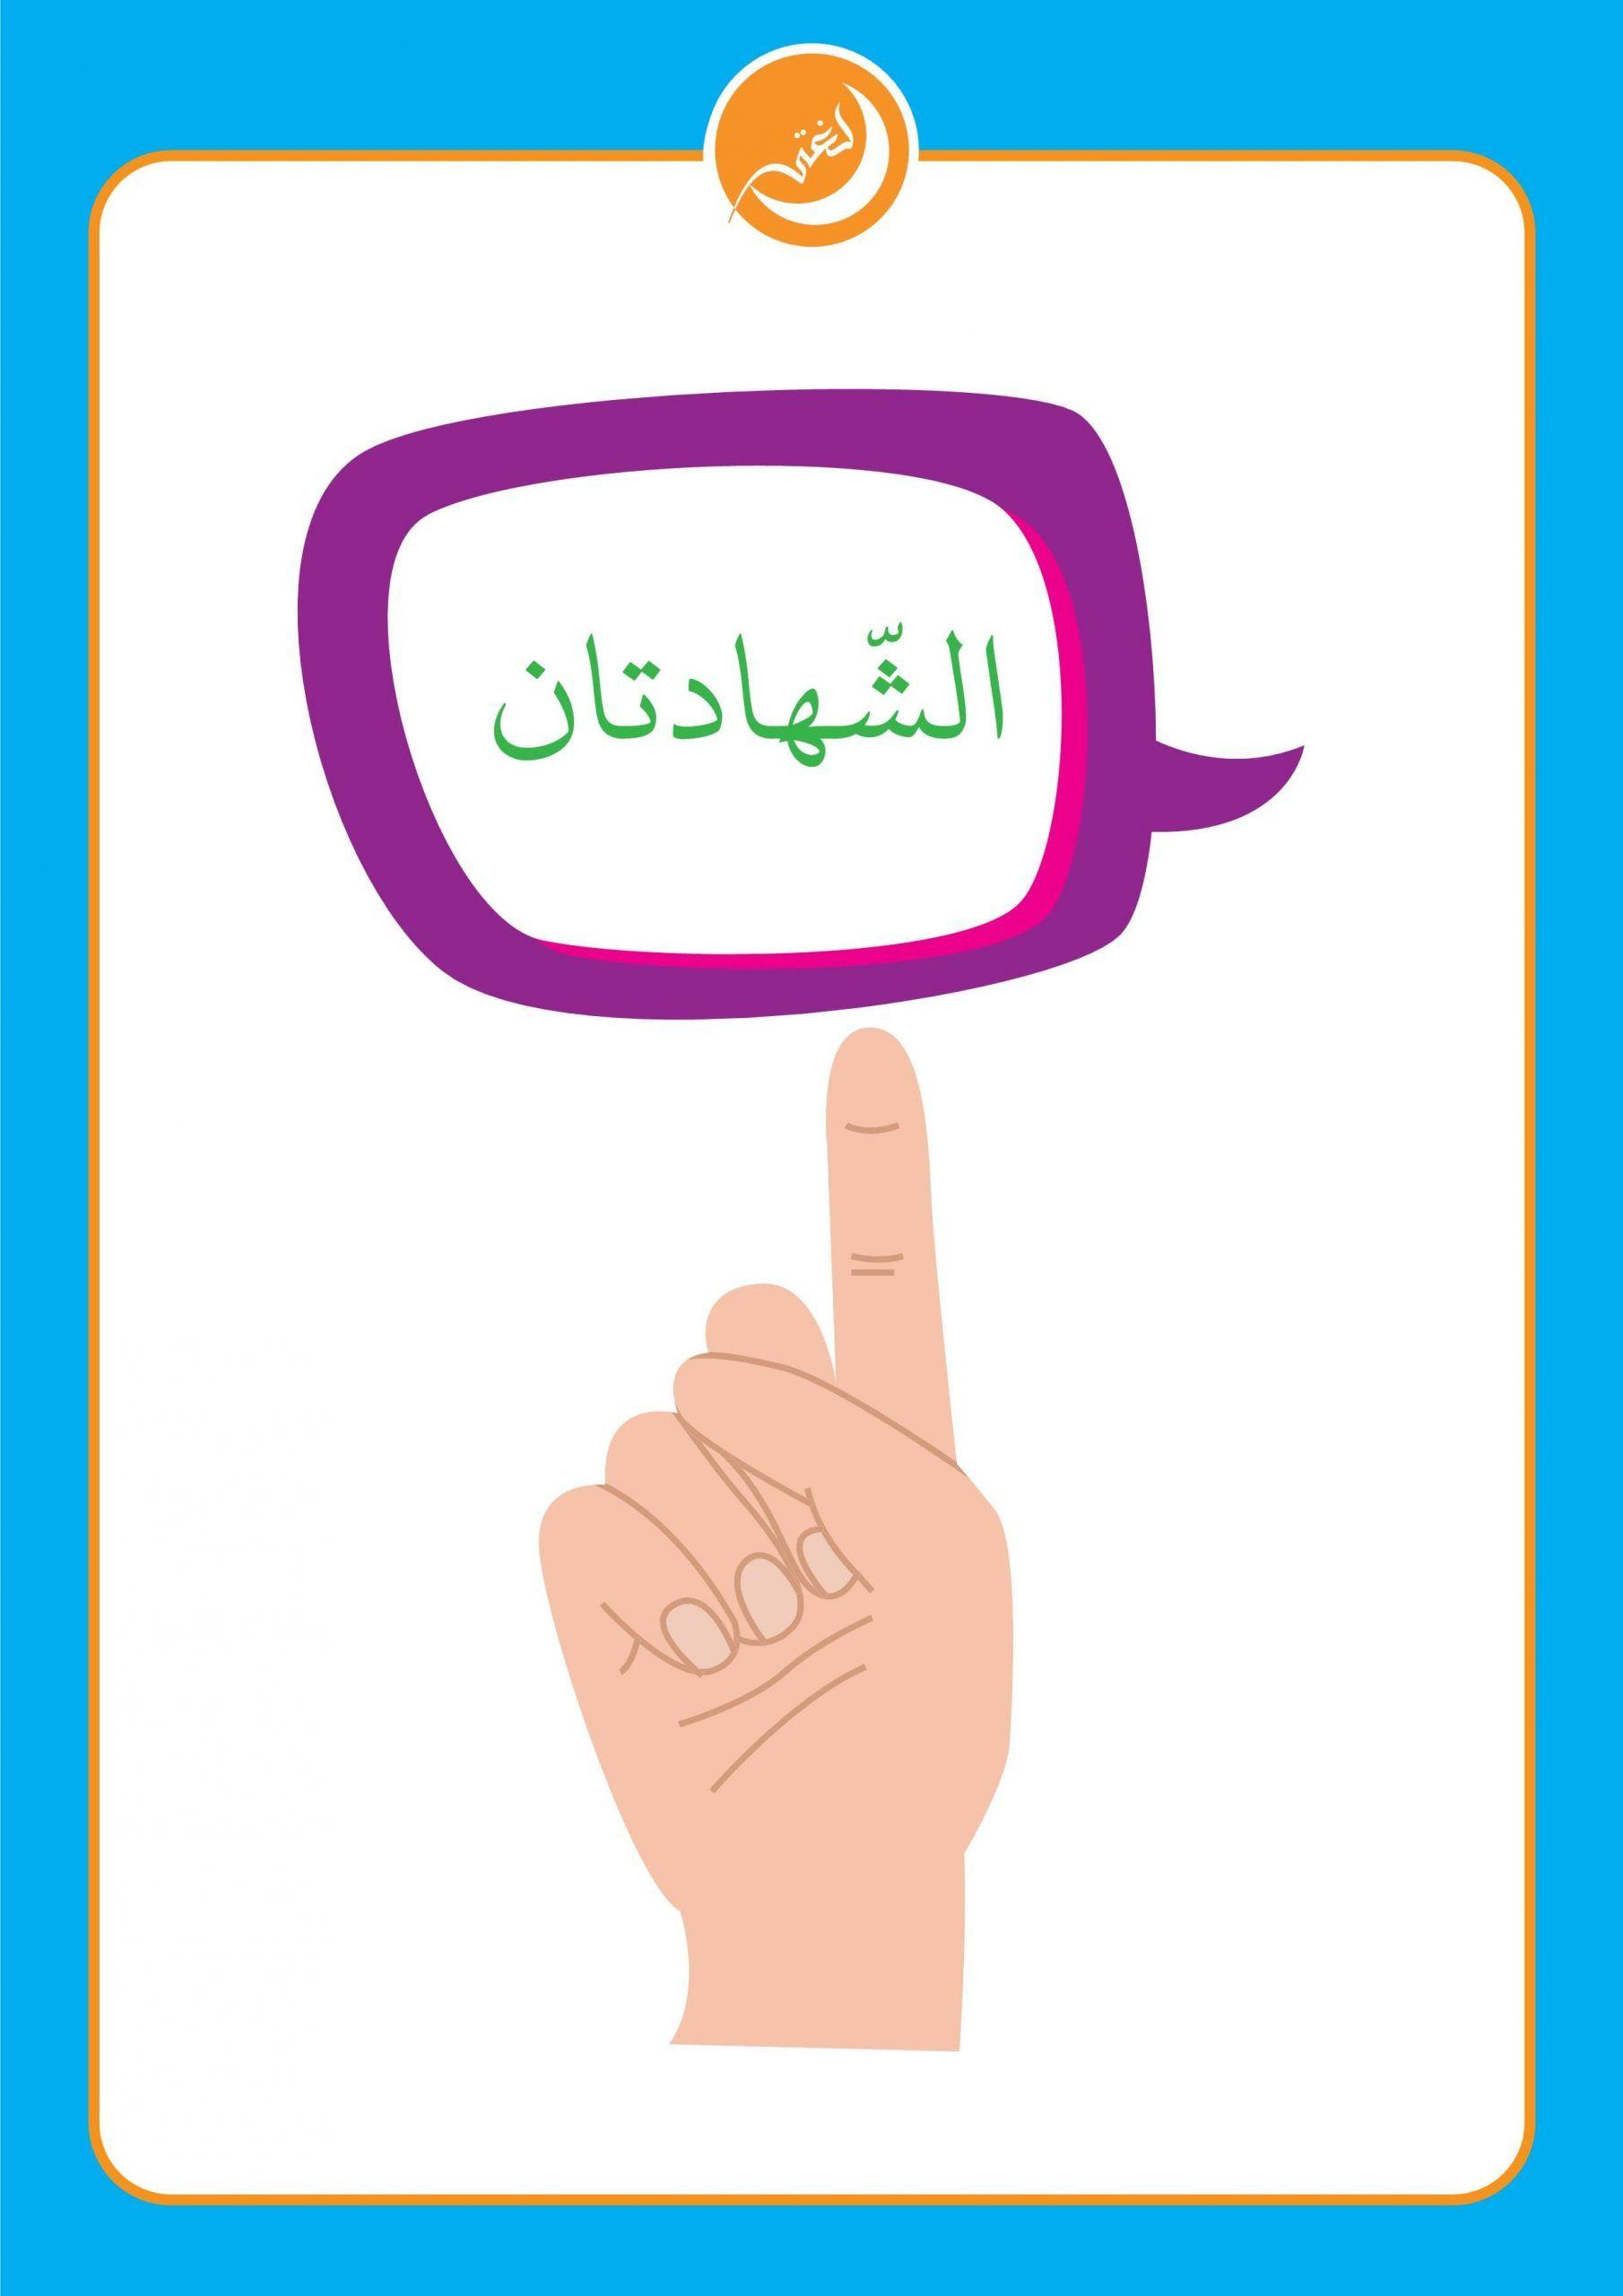 الشهادتان لتعليم الاطفال لماذا يقولها المسلم مع اوراق عمل Okay Gesture Thumbs Up Thumb